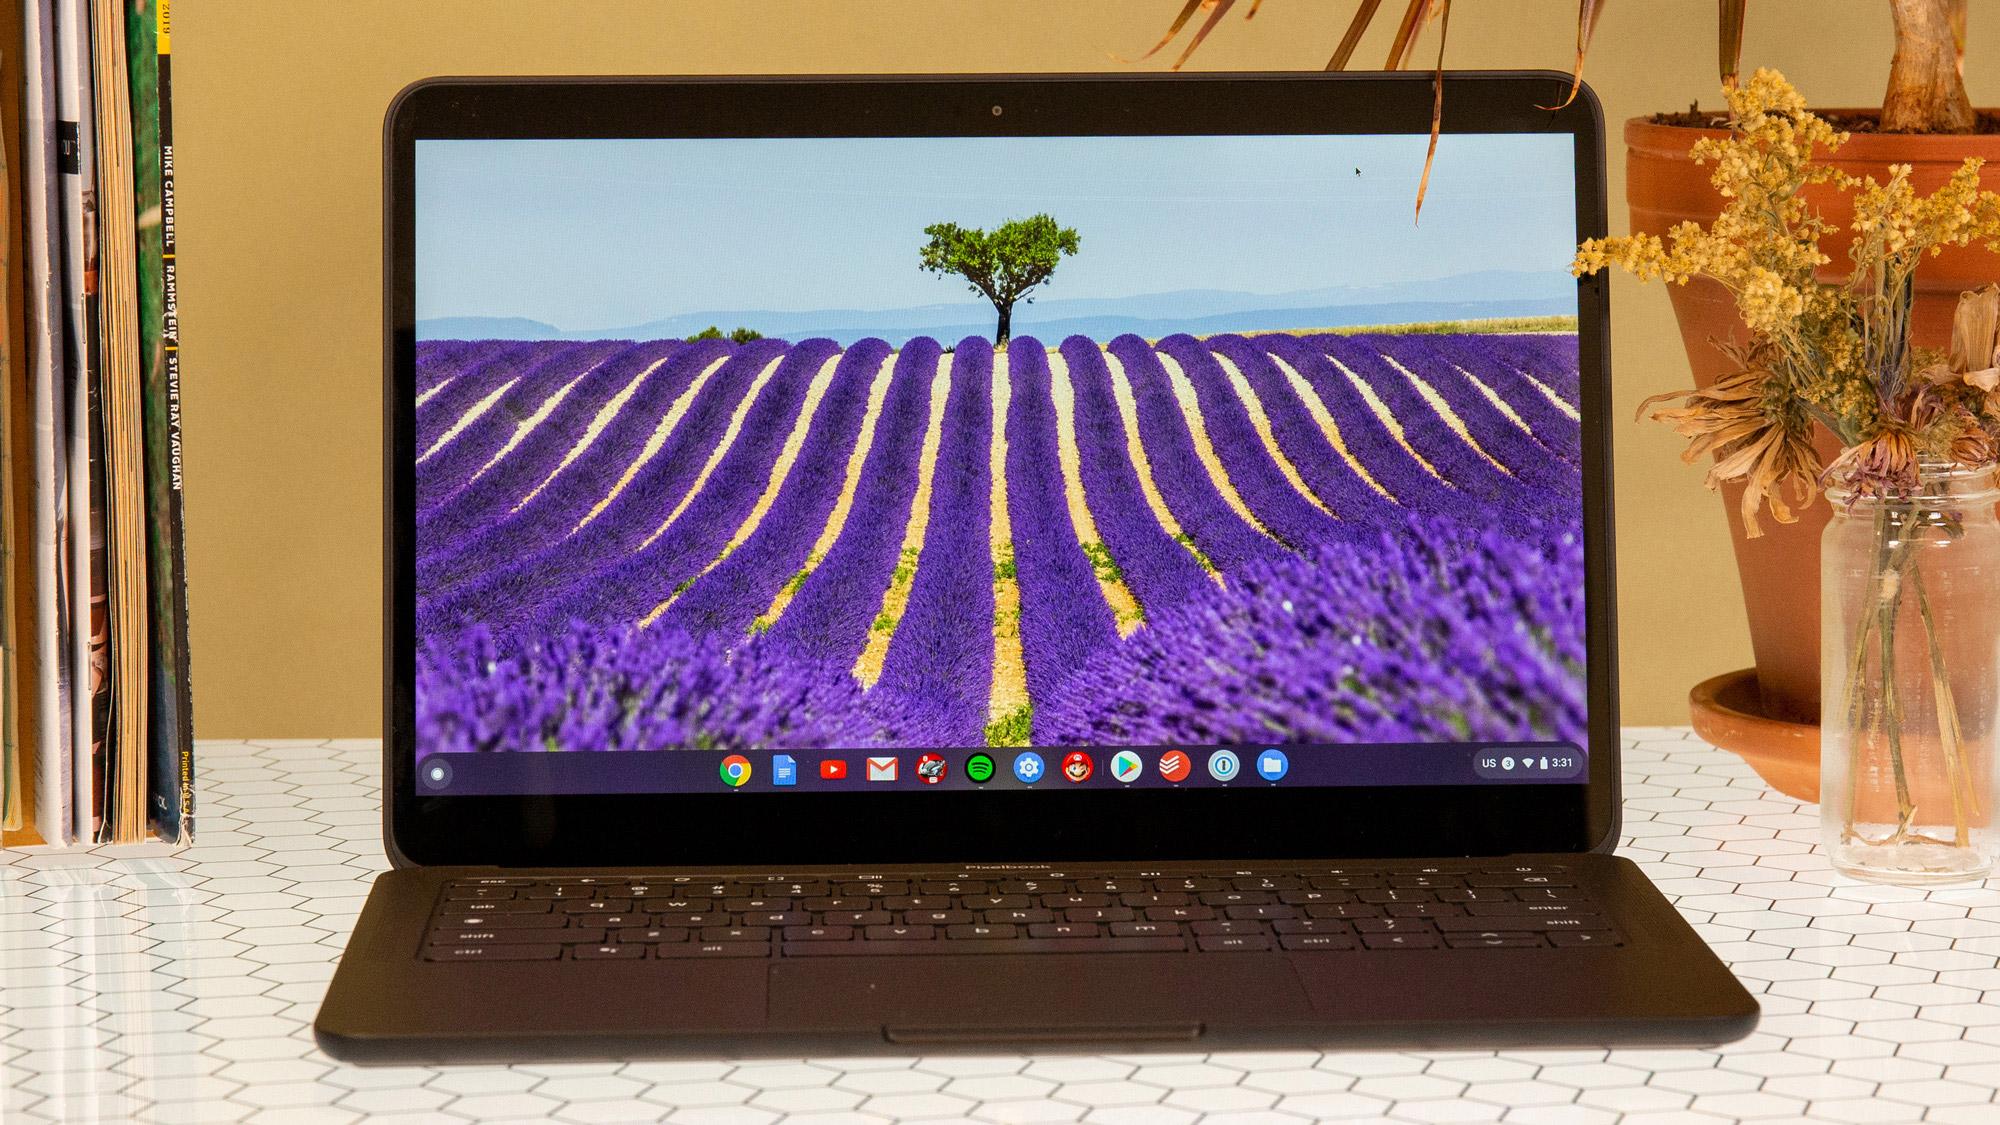 Best touchscreen laptops: Google Pixelbook Go